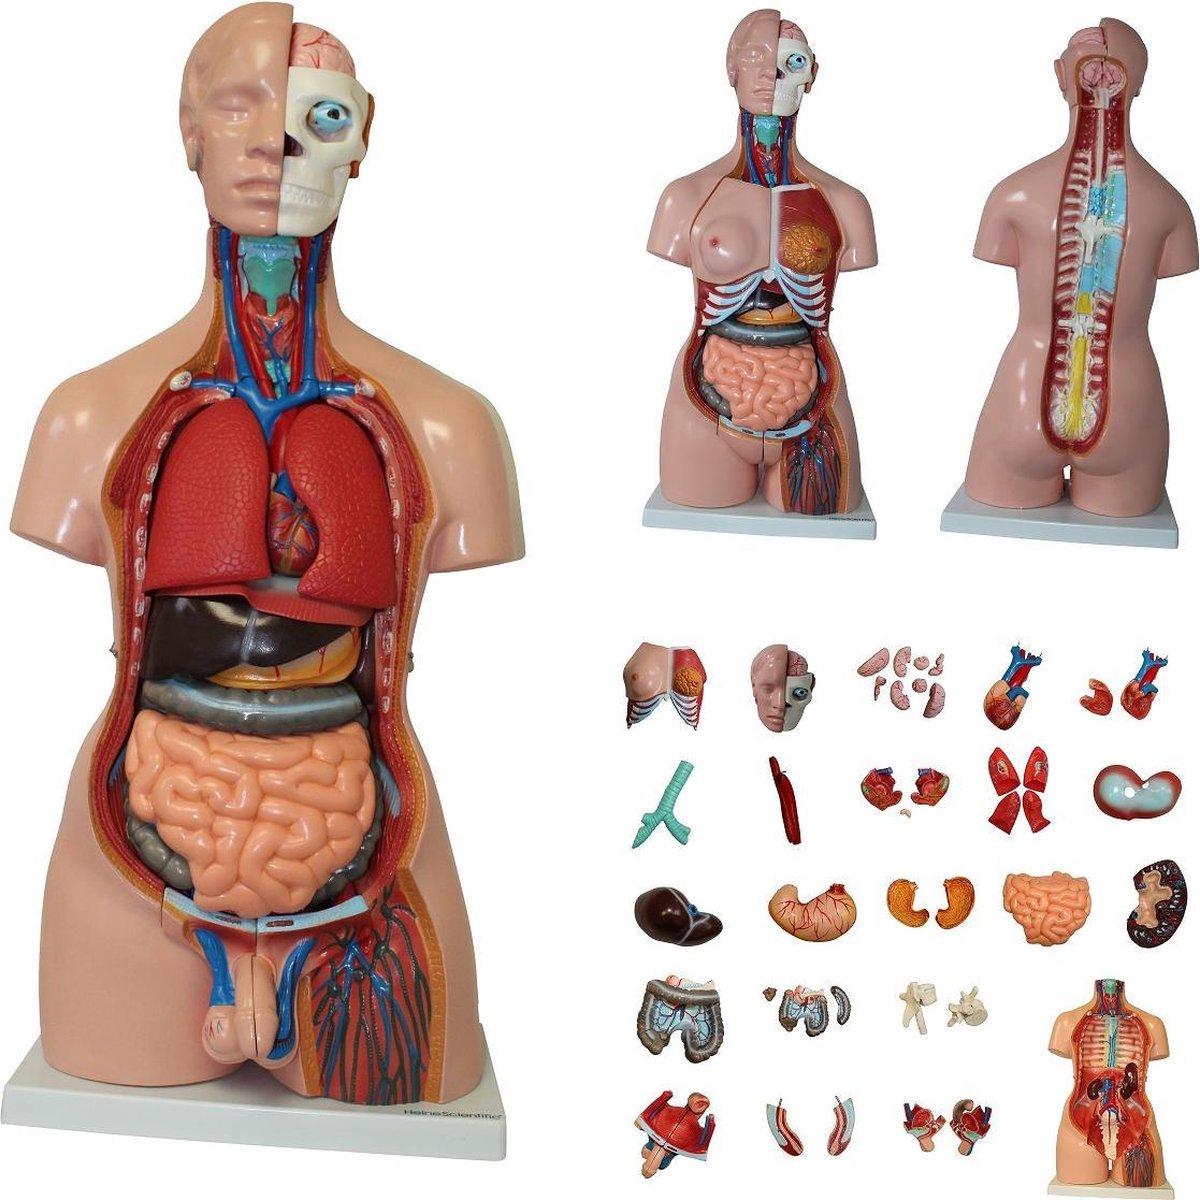 Uitgelezene bol.com | Het menselijk lichaam - anatomie model torso met organen UP-47